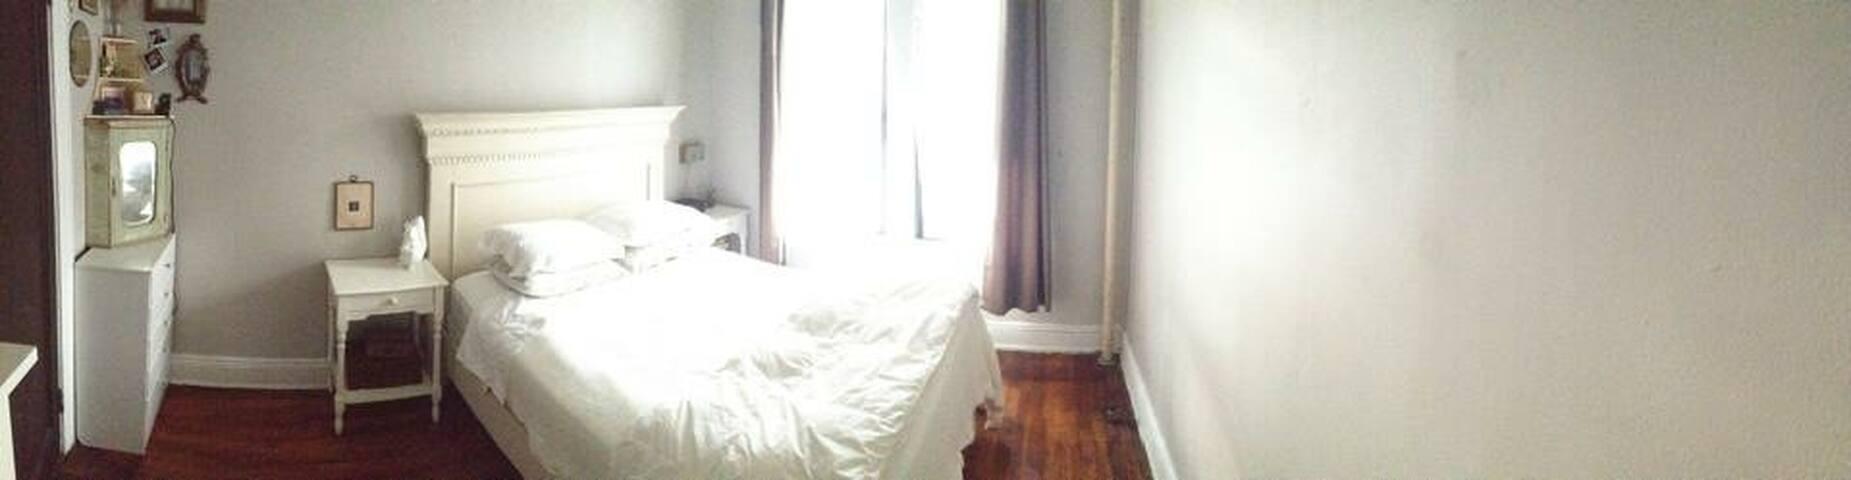 Beautiful Apt in HEART of Astoria - Queens - Wohnung